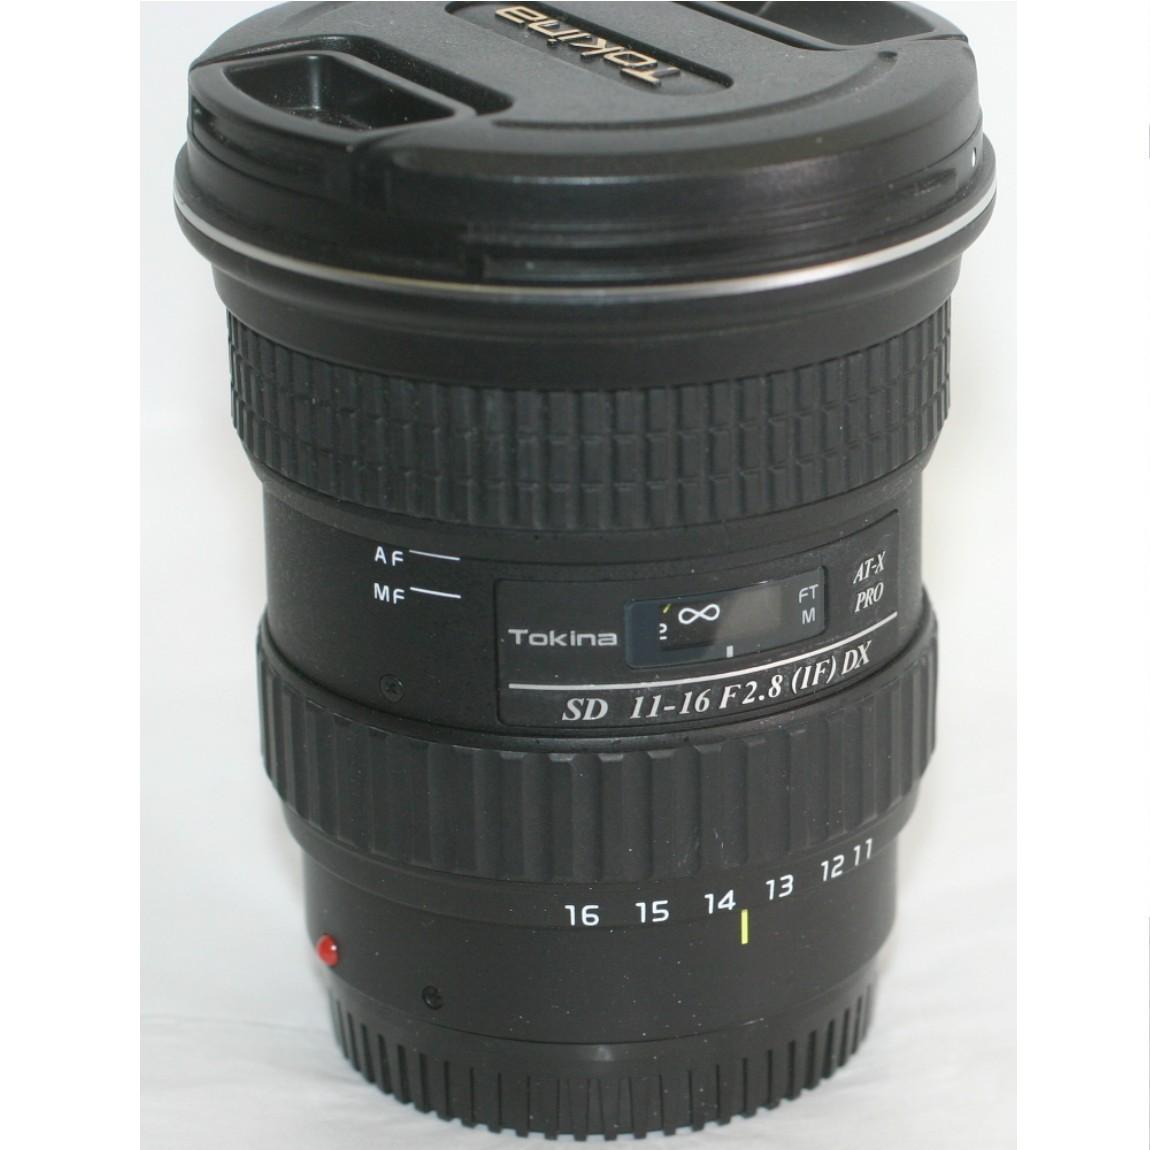 【中古】完動美品トキナーのソニー1眼レフデジタルカメラ用広角ズームレンズSD11-16mmF2,8(if)AX 1ヶ月保障付 ○F14-23-1